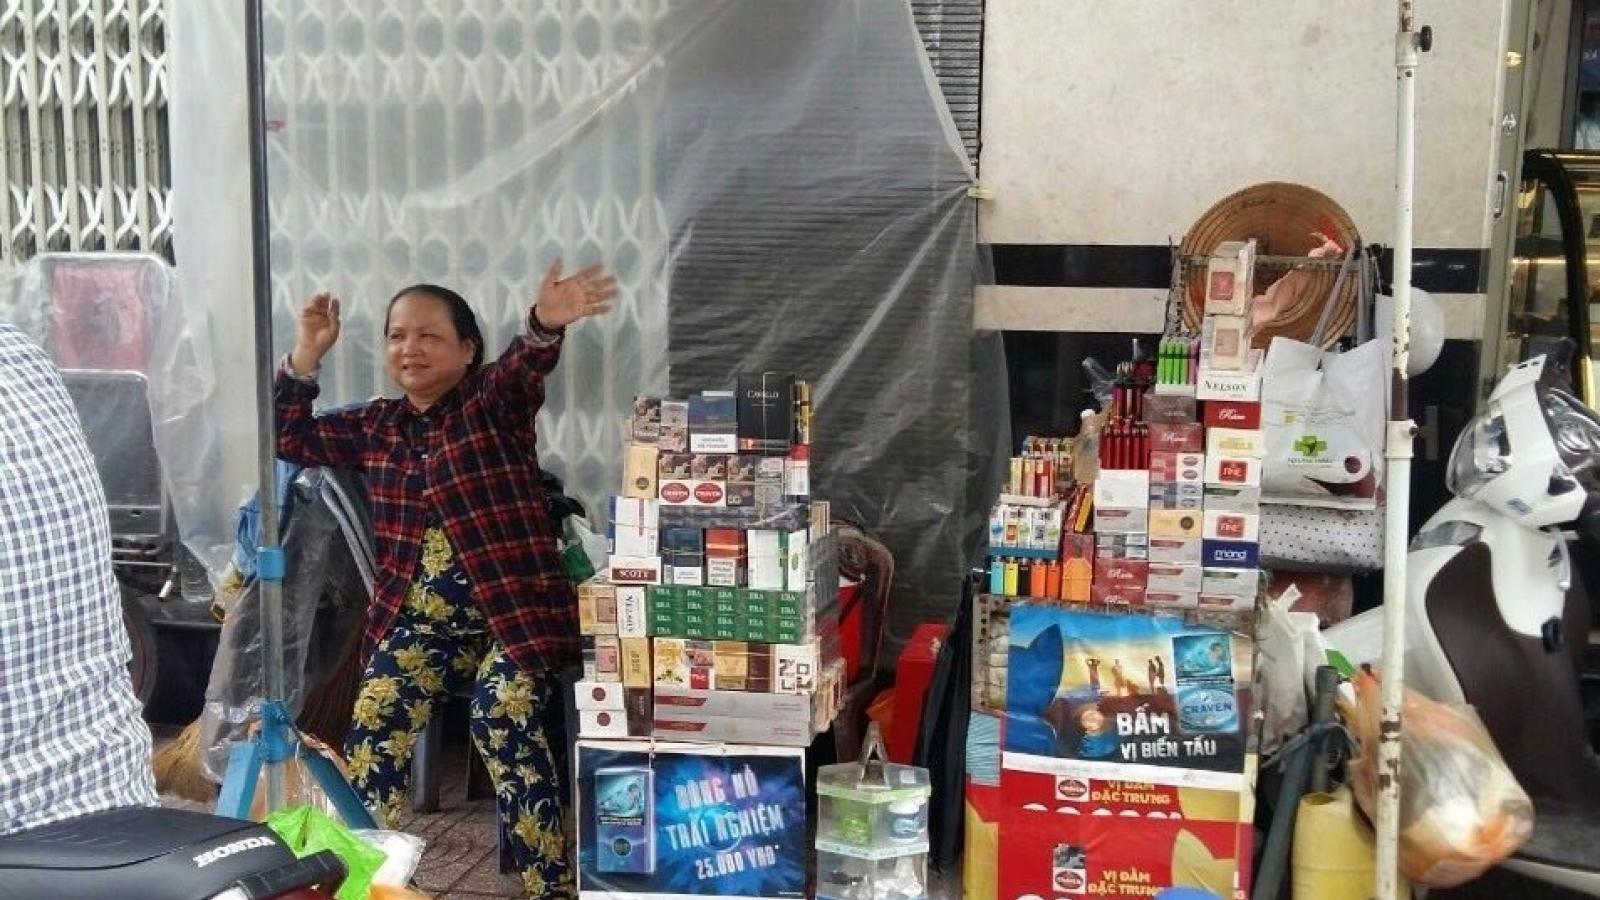 Buôn bán 1 bao thuốc lá nhập lậu bị phạt tới 3 triệu đồng